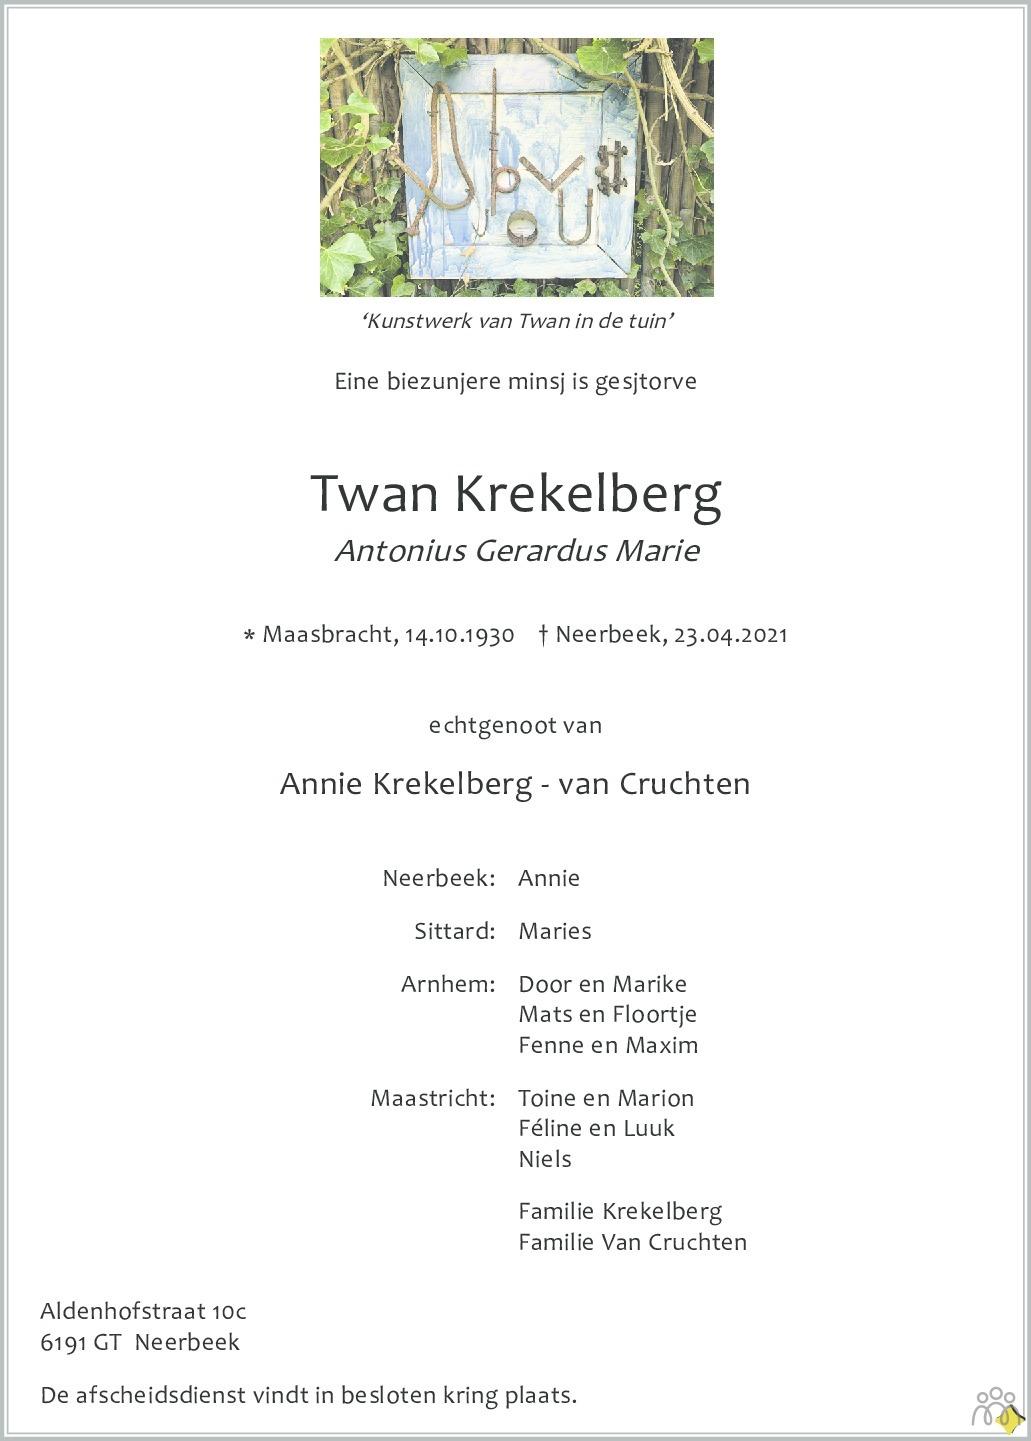 Overlijdensbericht van Antonius Gerardus Marie (Twan) Krekelberg in De Limburger